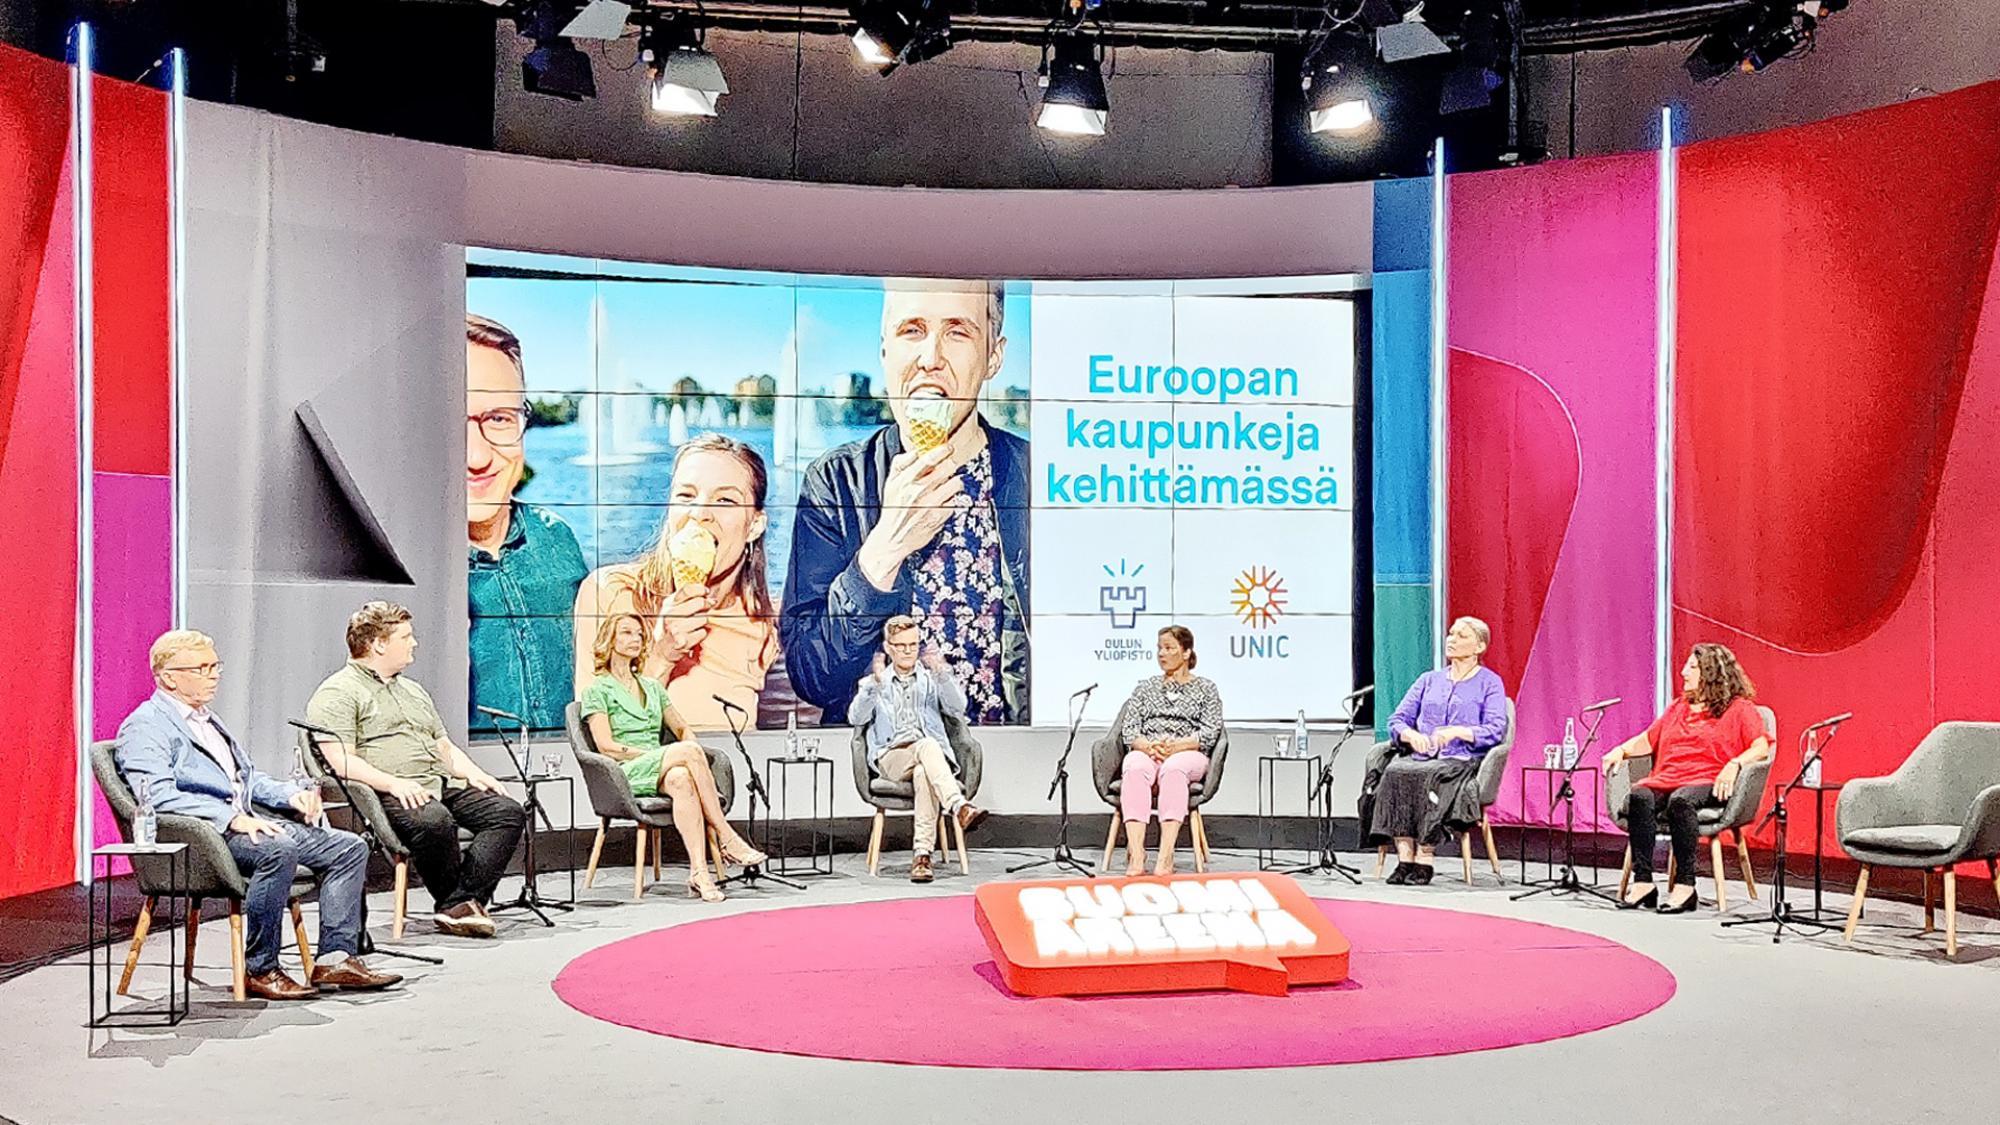 Panelistit Tapio Koivu, Eetu Leinonen, Tytti Tuppurainen, Mirja Vehkaperä ja Luz Peltoniemi sekä juontaja Janne Hopsu istumassa puoliympyrässä SuomiAreenalla.